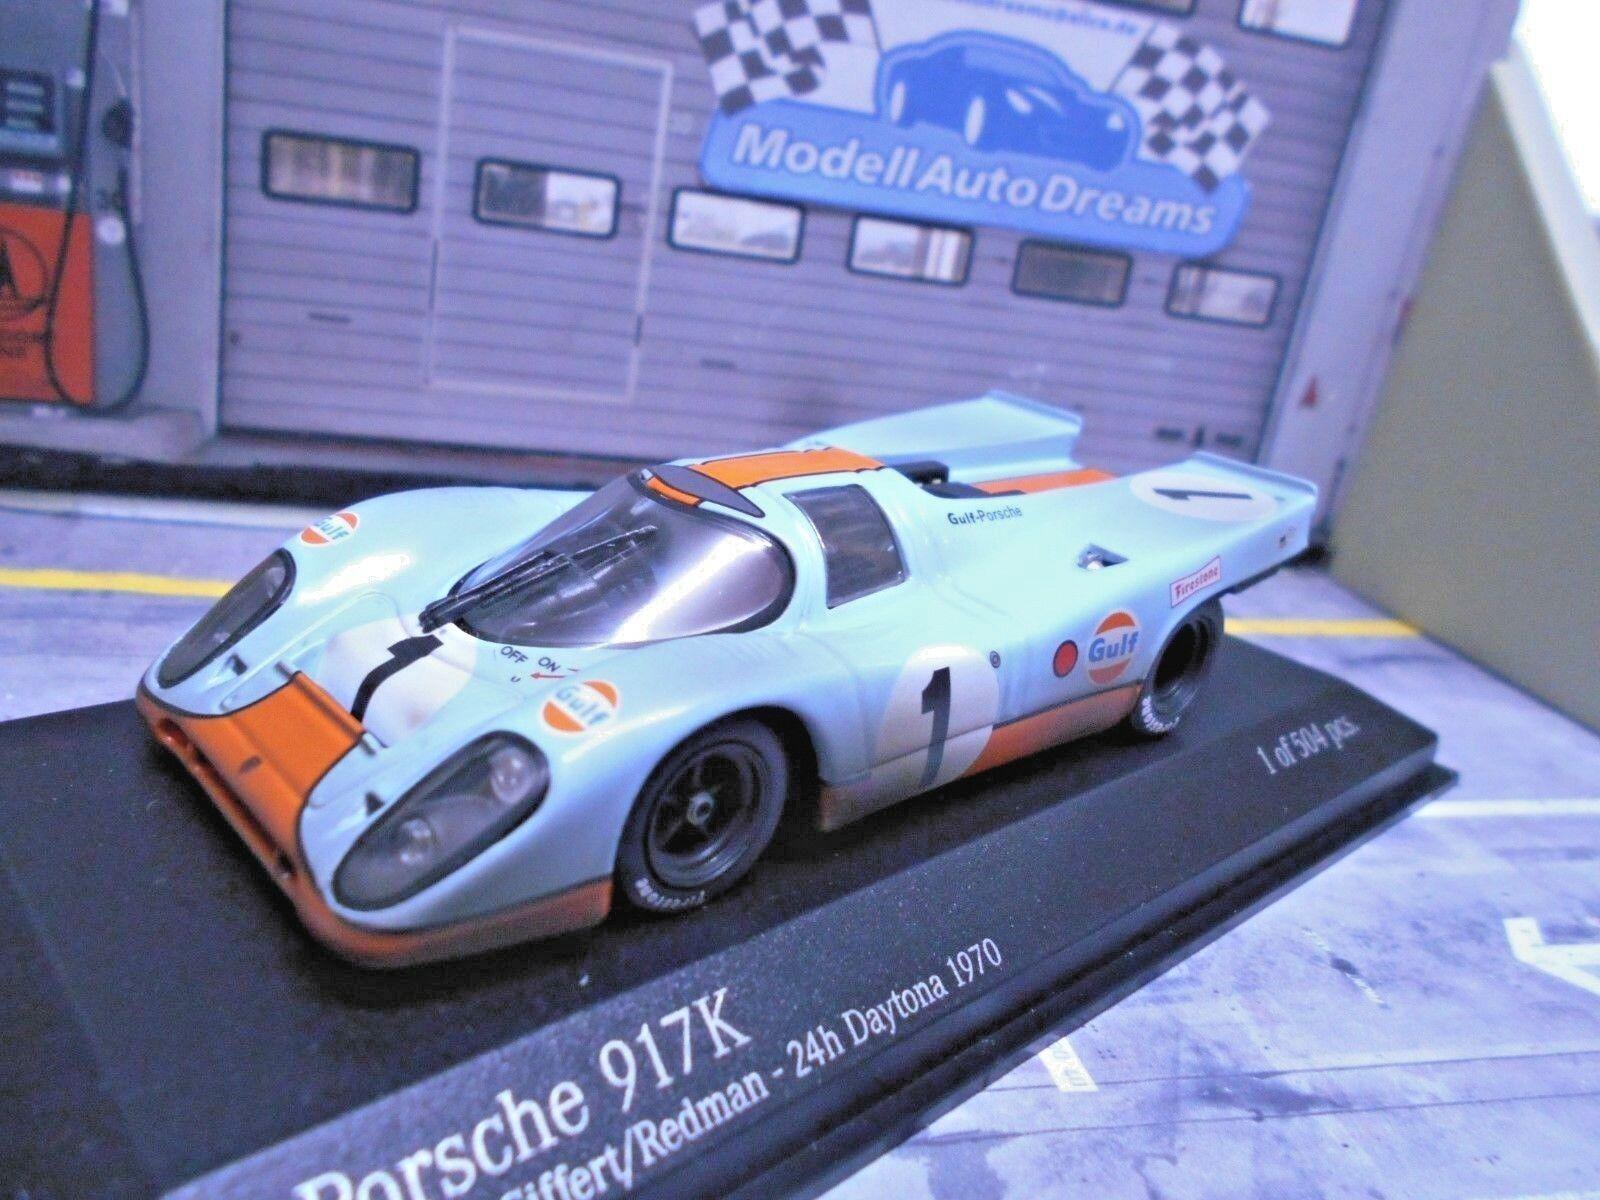 grandes ofertas Porsche 917 K Daytona 1970  1 Gulf Gulf Gulf Wyer Siffert rojoman Dirty  Minichamps 1 43  ordene ahora los precios más bajos